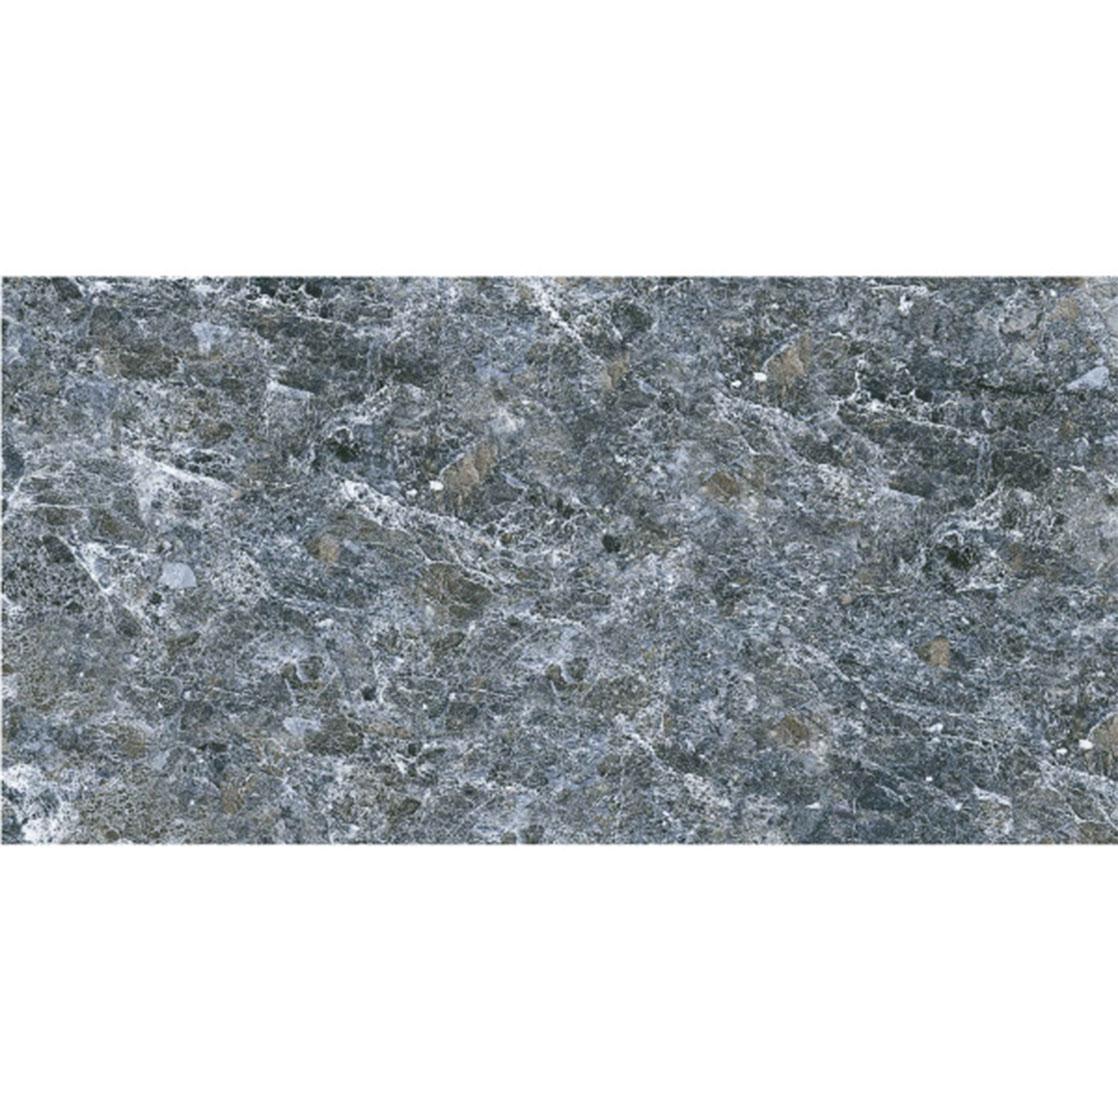 Gạch granite 150x300 Đồng Tâm 1530STONE015 giá rẻ